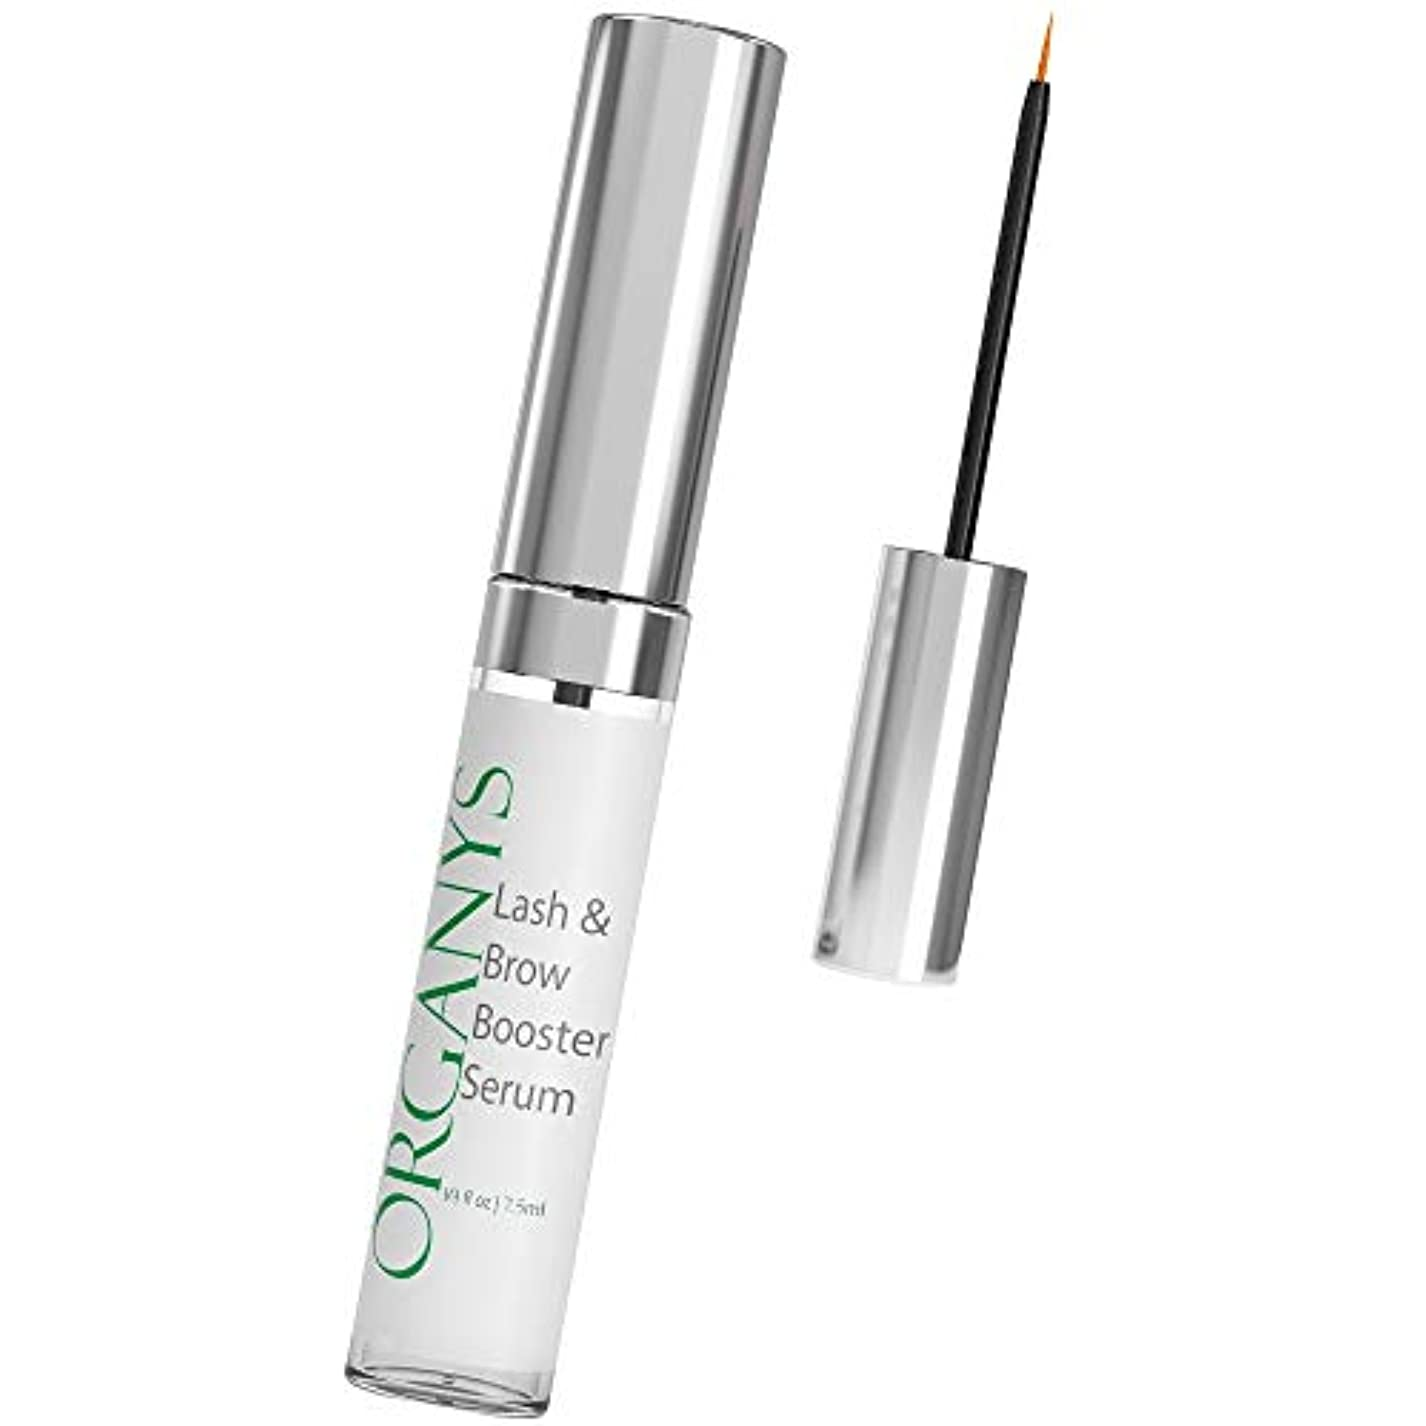 委任する変化するおめでとうOrganyc Eyelash & Eyebrow Growth Serum (High Potency) Grows Longer, Fuller, Thicker Lashes & Brows in 60 days!...